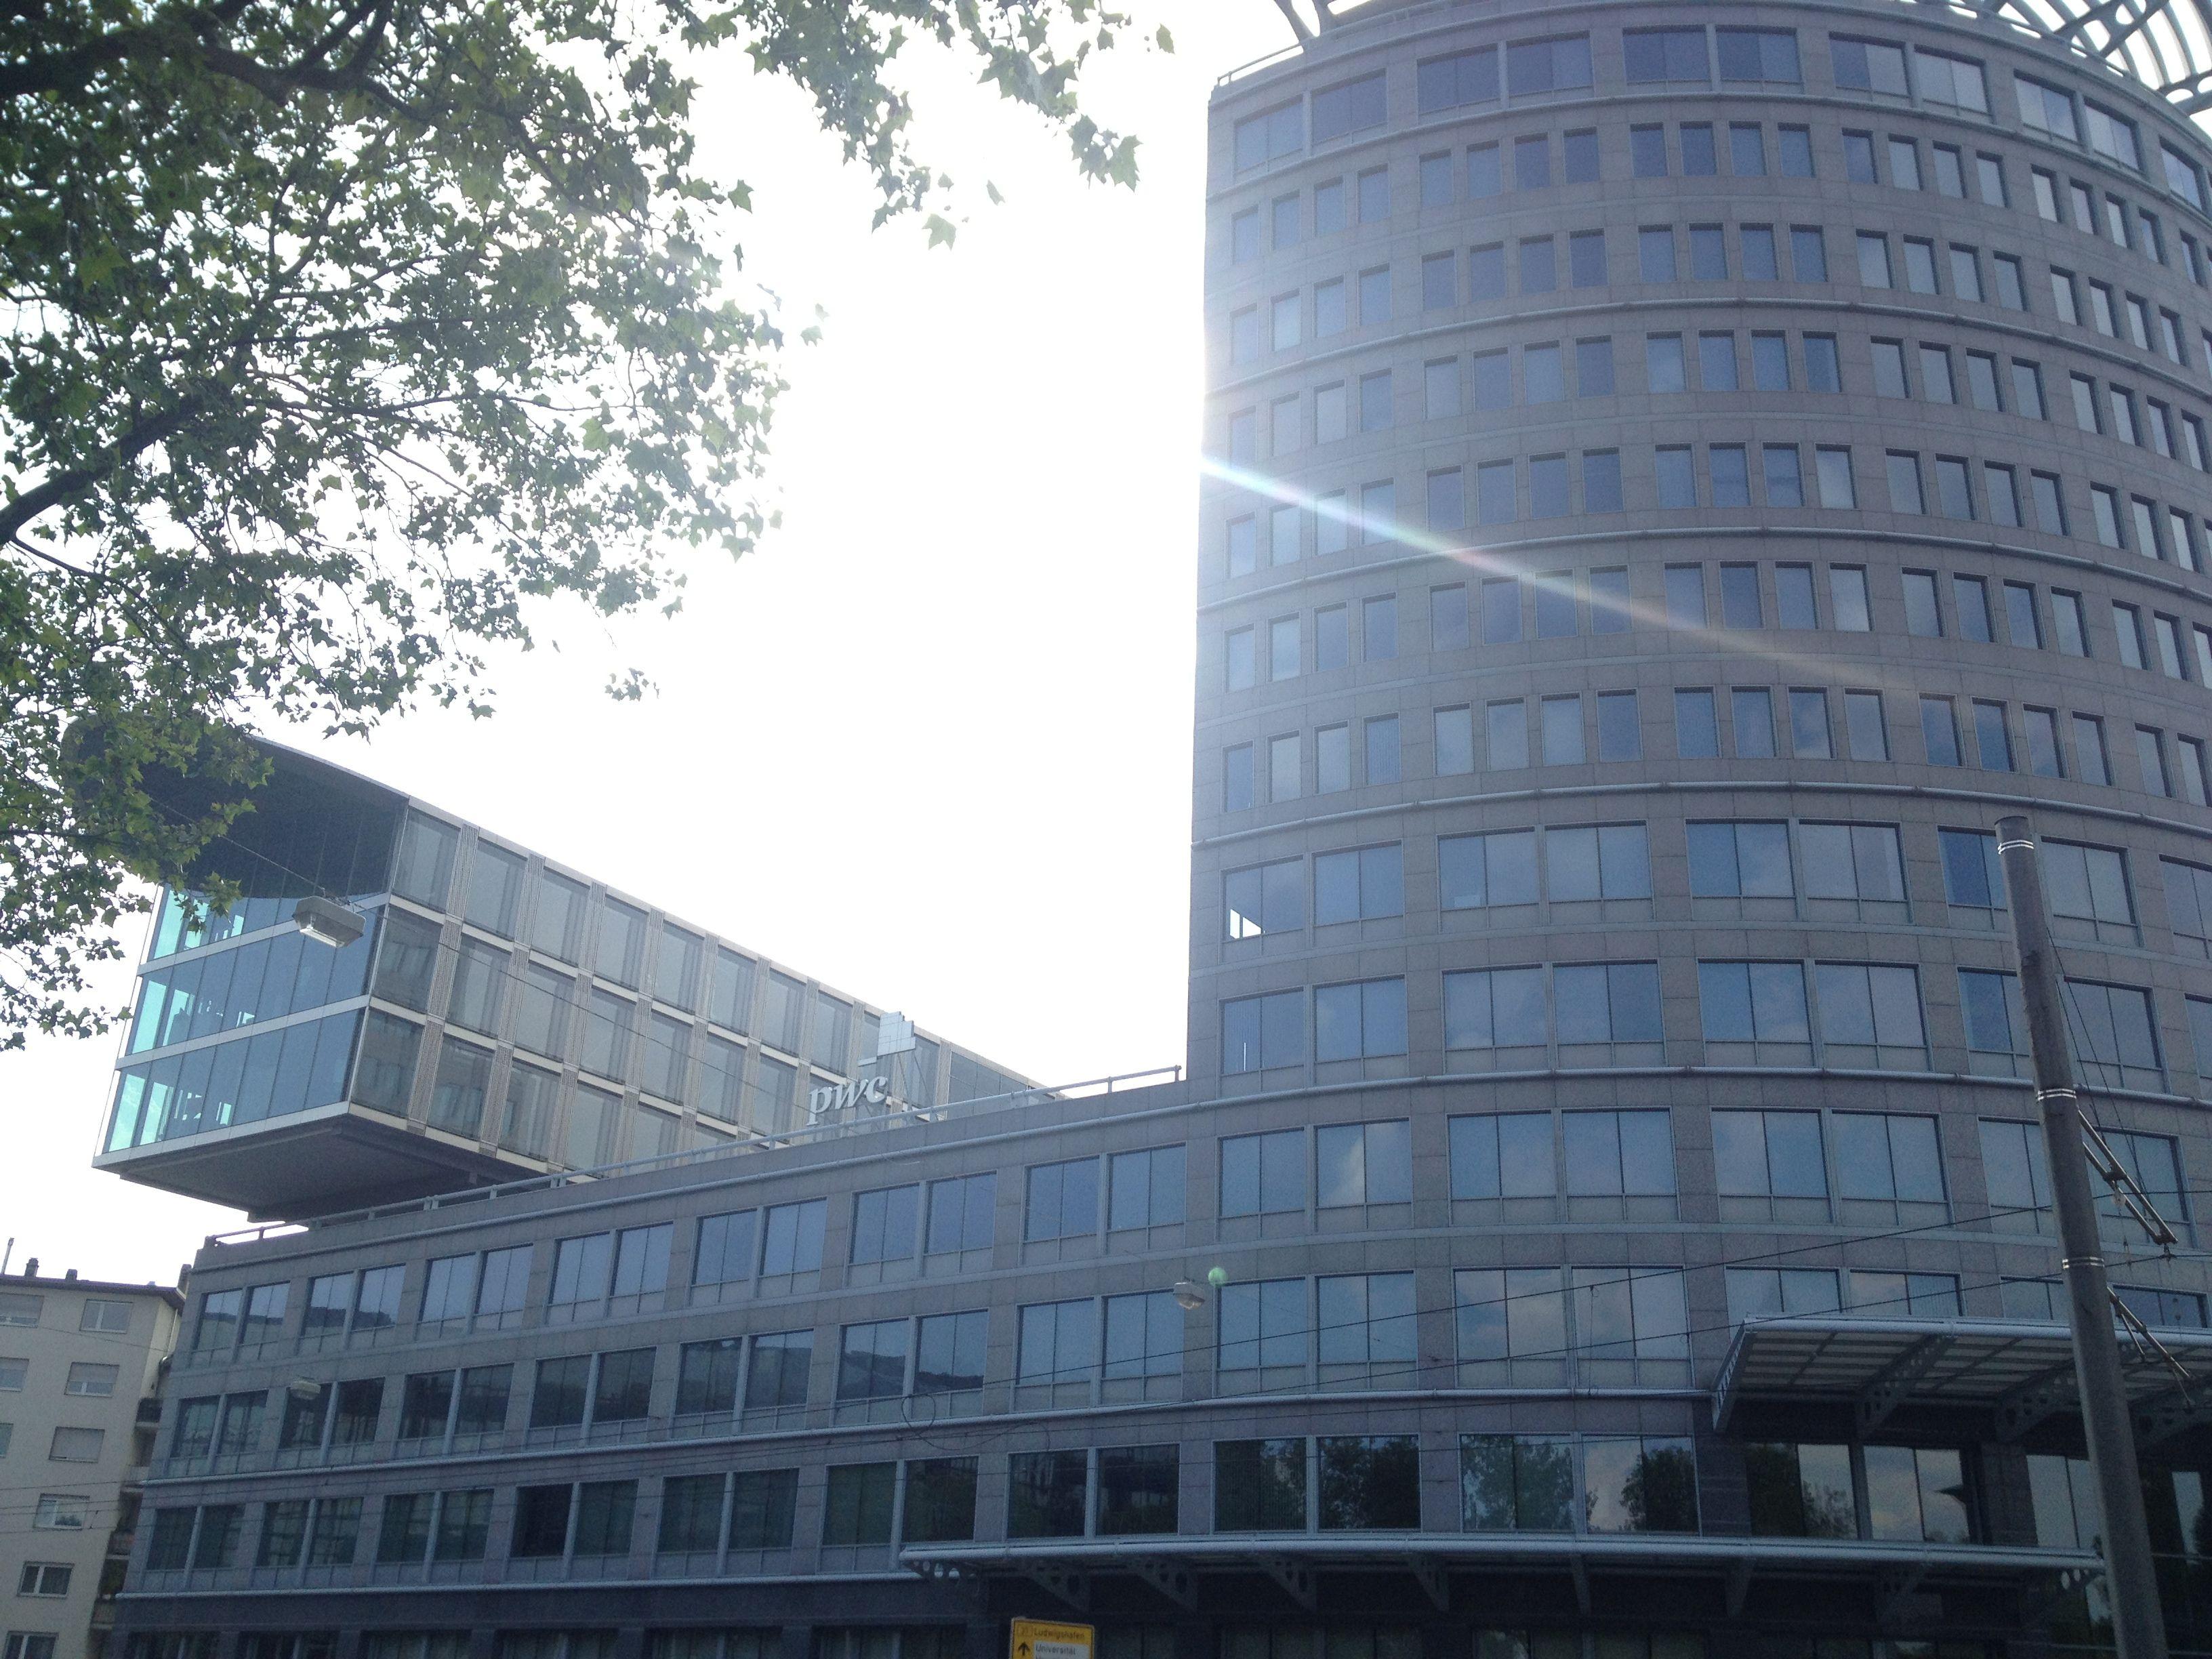 Bei PWC in Mannheim interessantes ausgetauscht. Unter anderem Themen wie Wissensmanagement, Prozessautomation und Innovatorische Nutzenaspekte diskutiert.